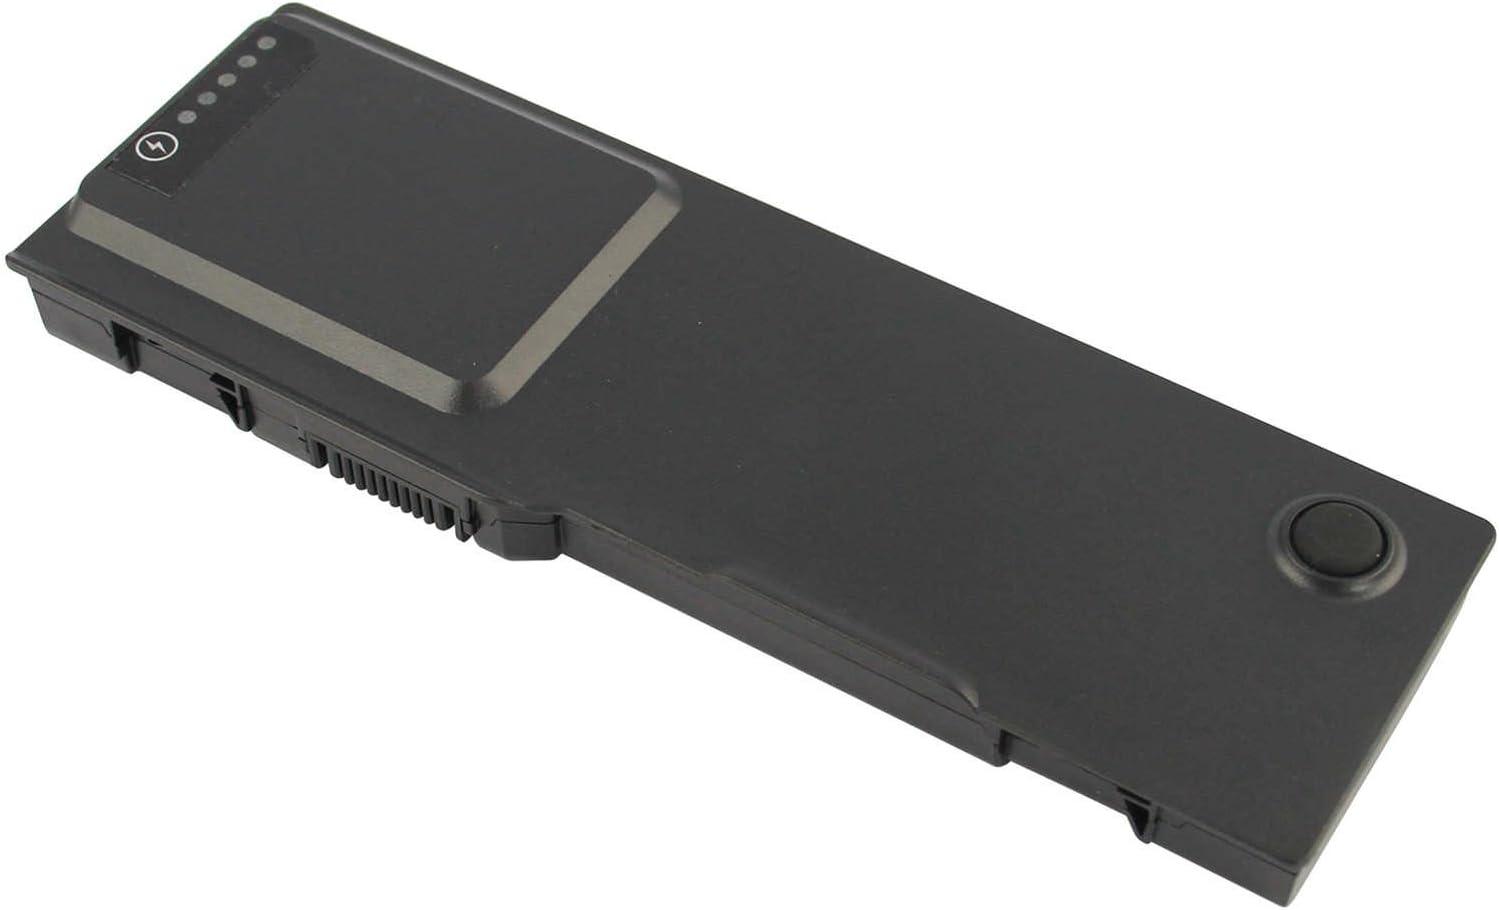 ASUNCELL Bater/ía de Repuesto para Dell Inspiron E1505 1501 6400 PP23LA PP20L Dell Vostro 1000 Dell Latitude 131L 312-0248 312-0461 312-0599 312-0600 0UD267 UD260 UD267 BD41 GD761 HK421 PD945 TD349